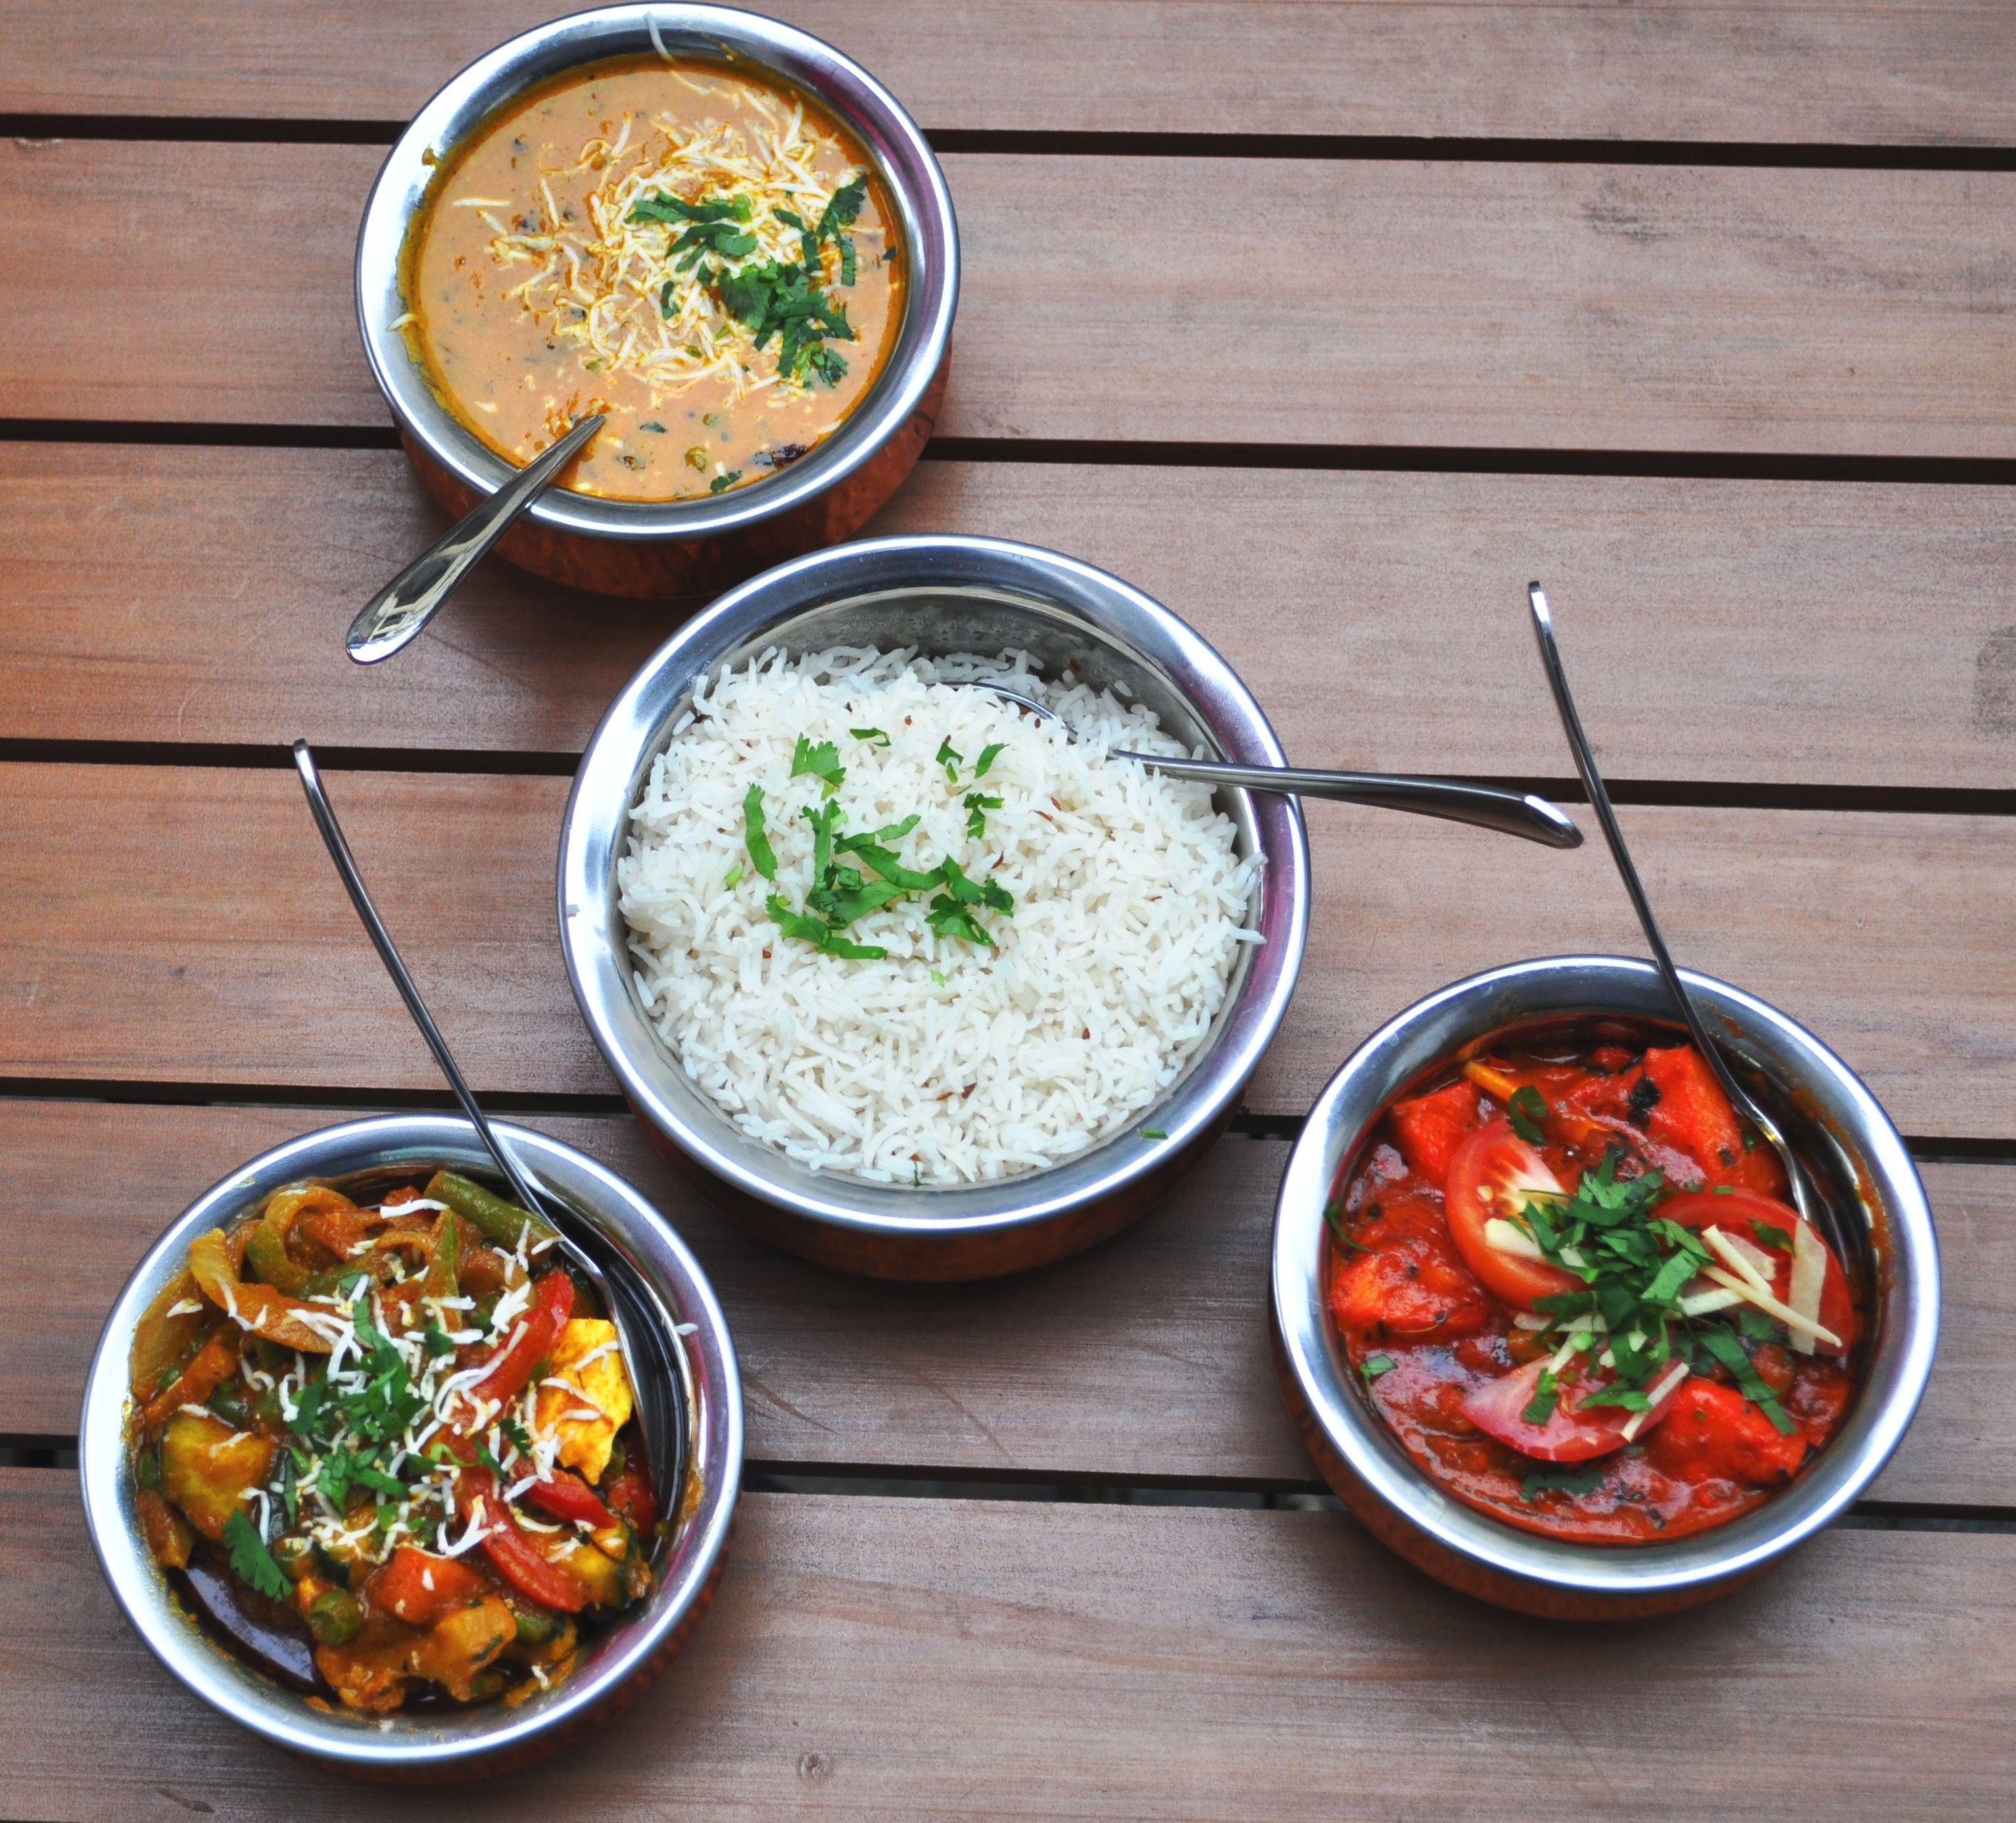 Nordindische Küche | Indisch Essen In Berlin Original Indische Kuche Indisches